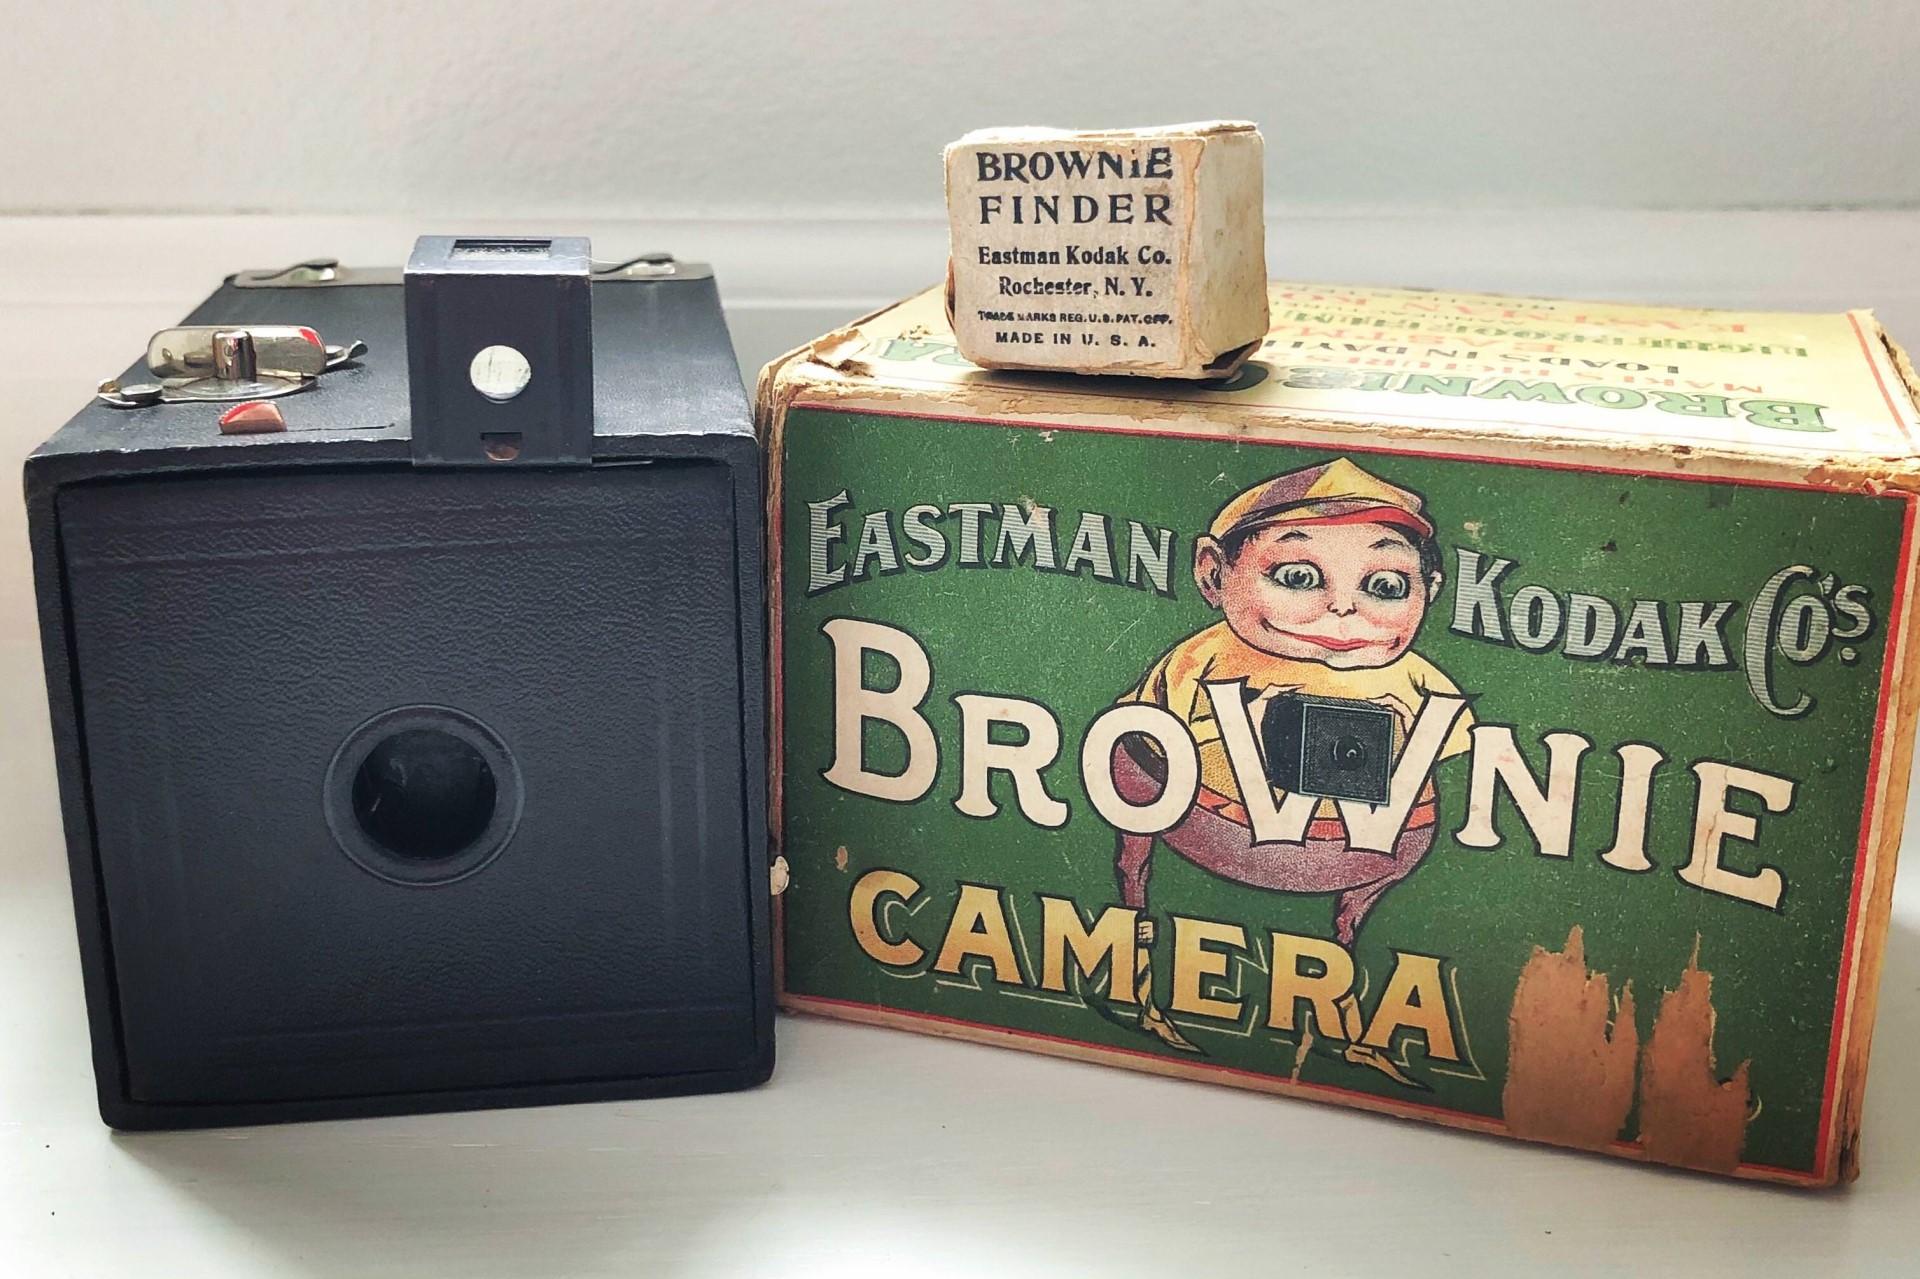 Kodak Brownie nº2 - José Álvarez Fotografía